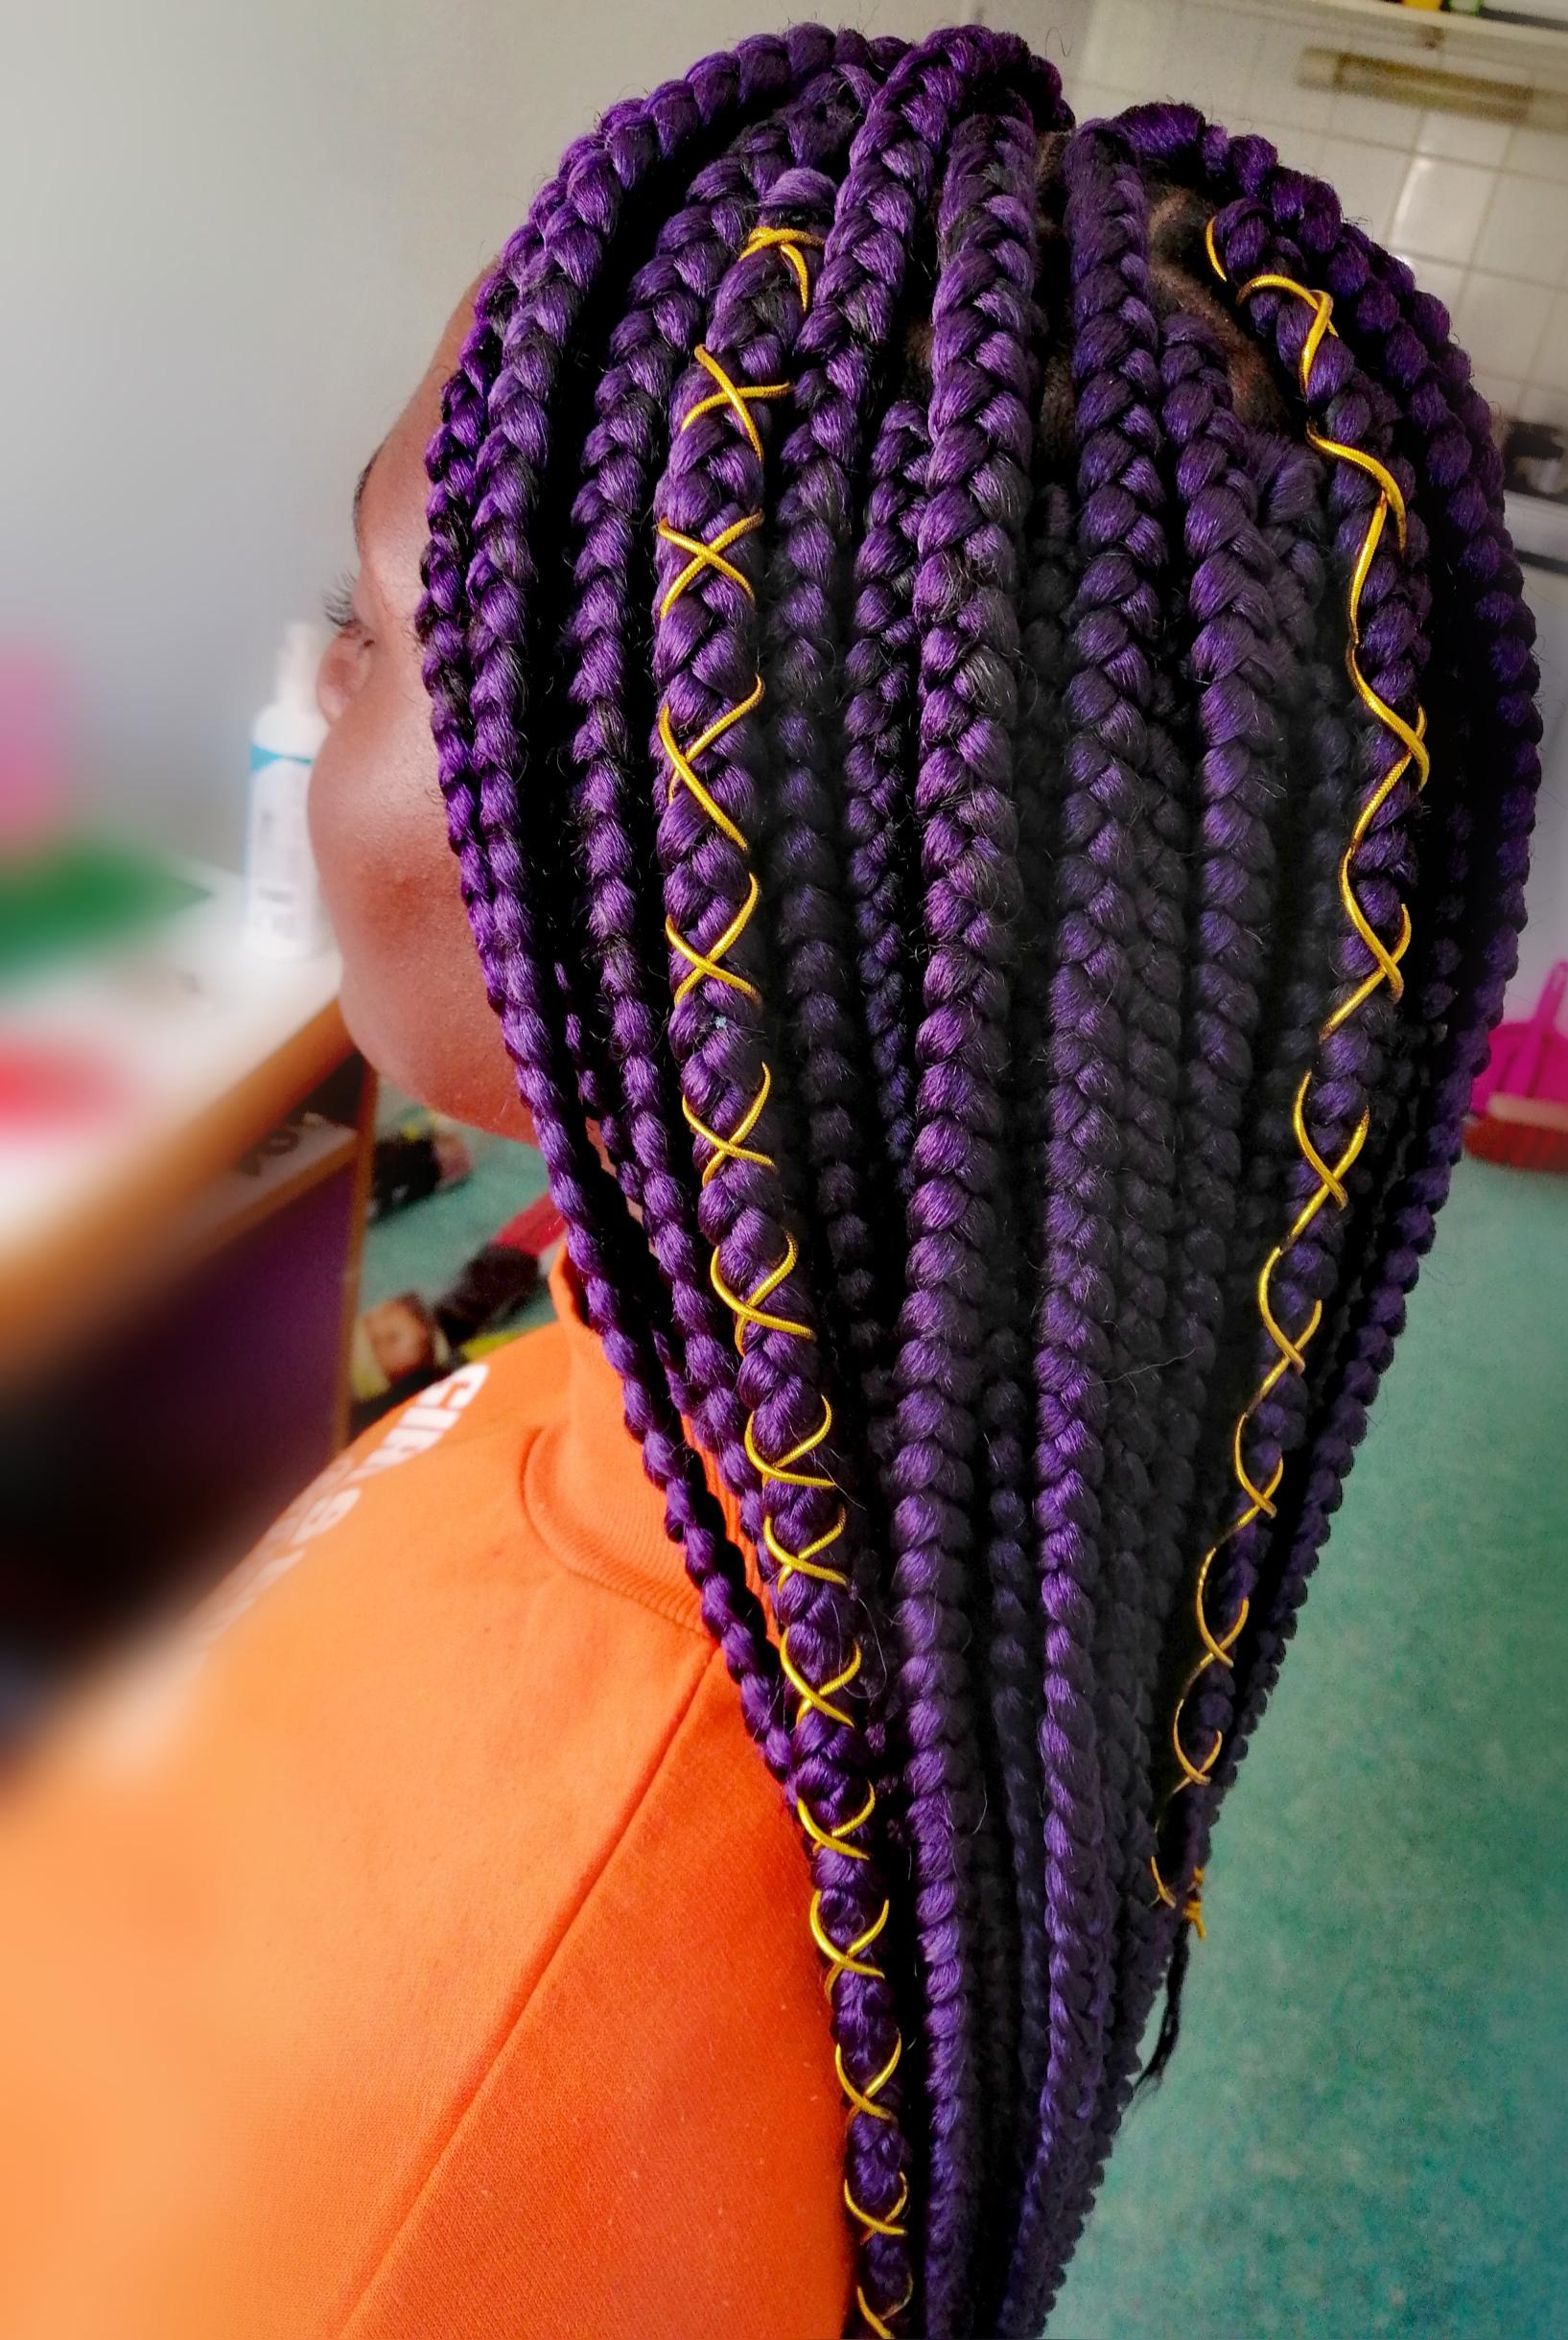 salon de coiffure afro tresse tresses box braids crochet braids vanilles tissages paris 75 77 78 91 92 93 94 95 DIKBGUIO